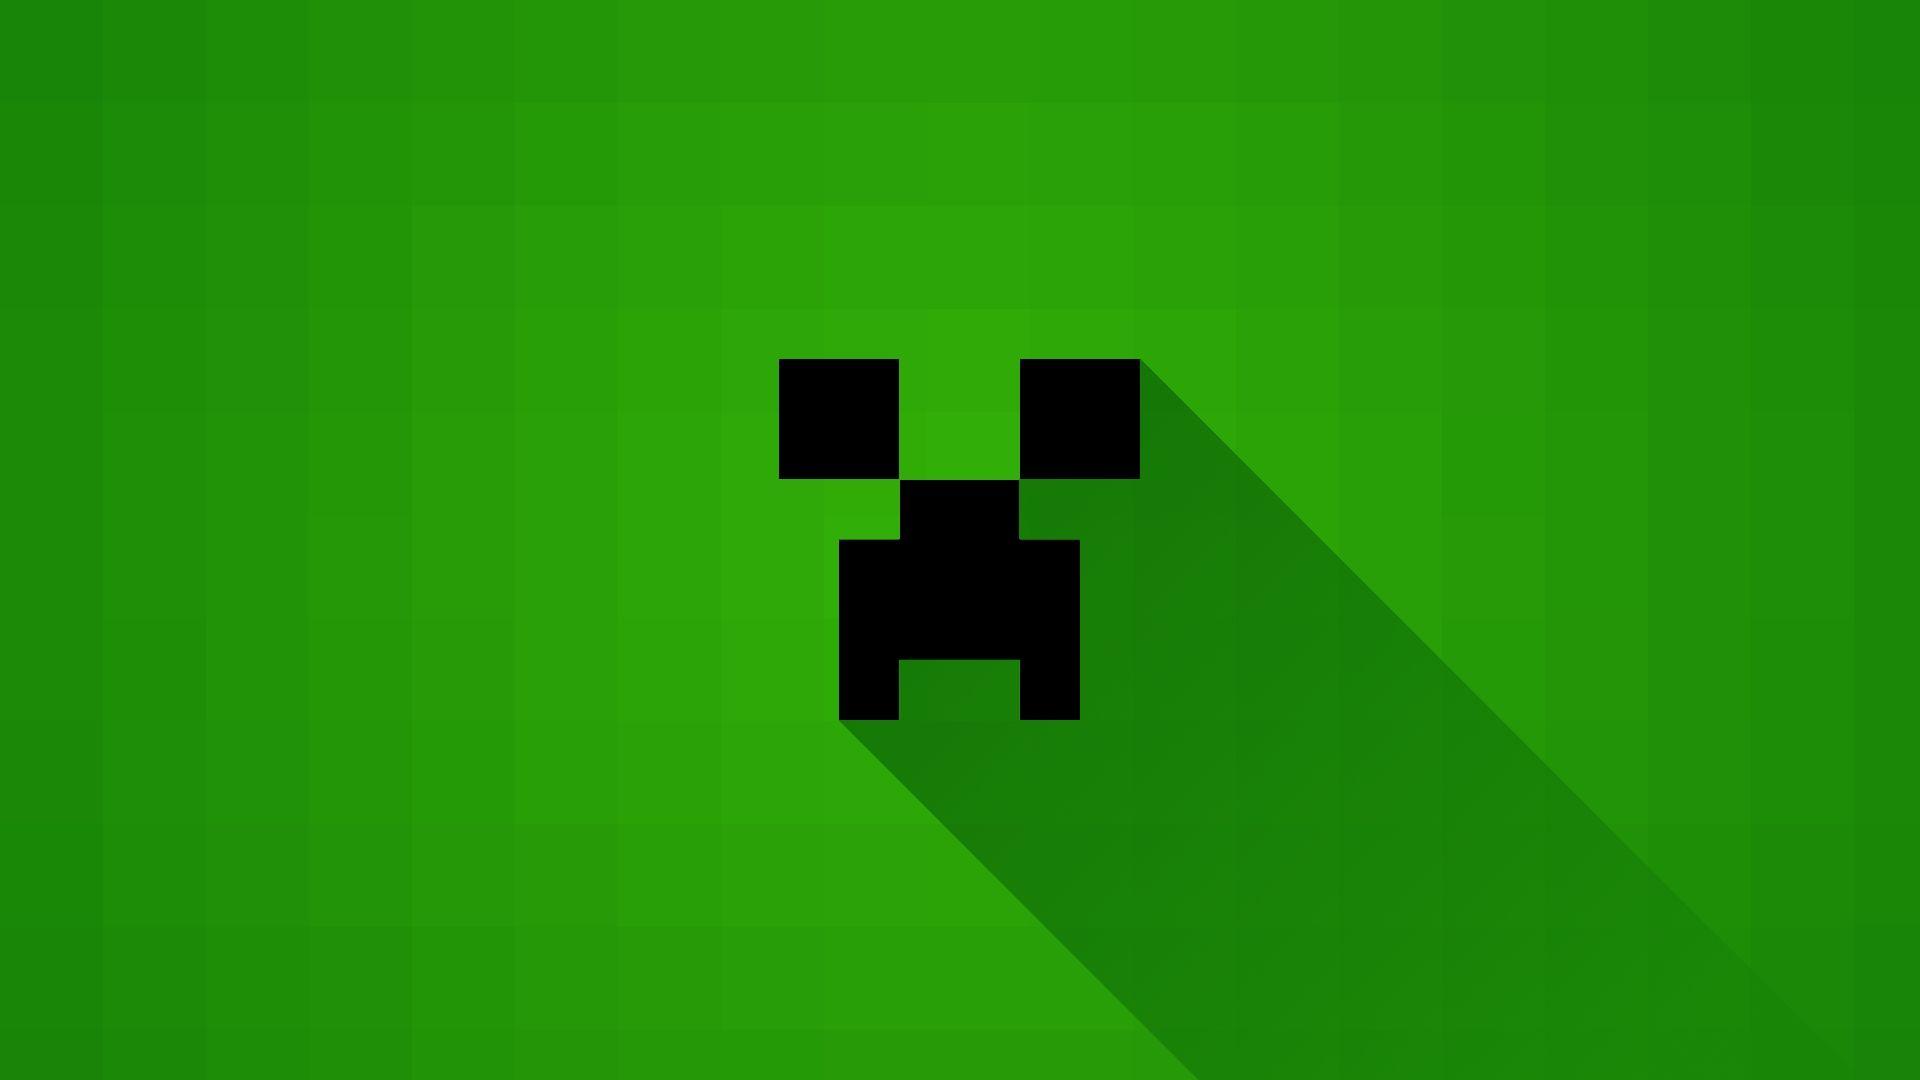 Download Creeper Wallpaper